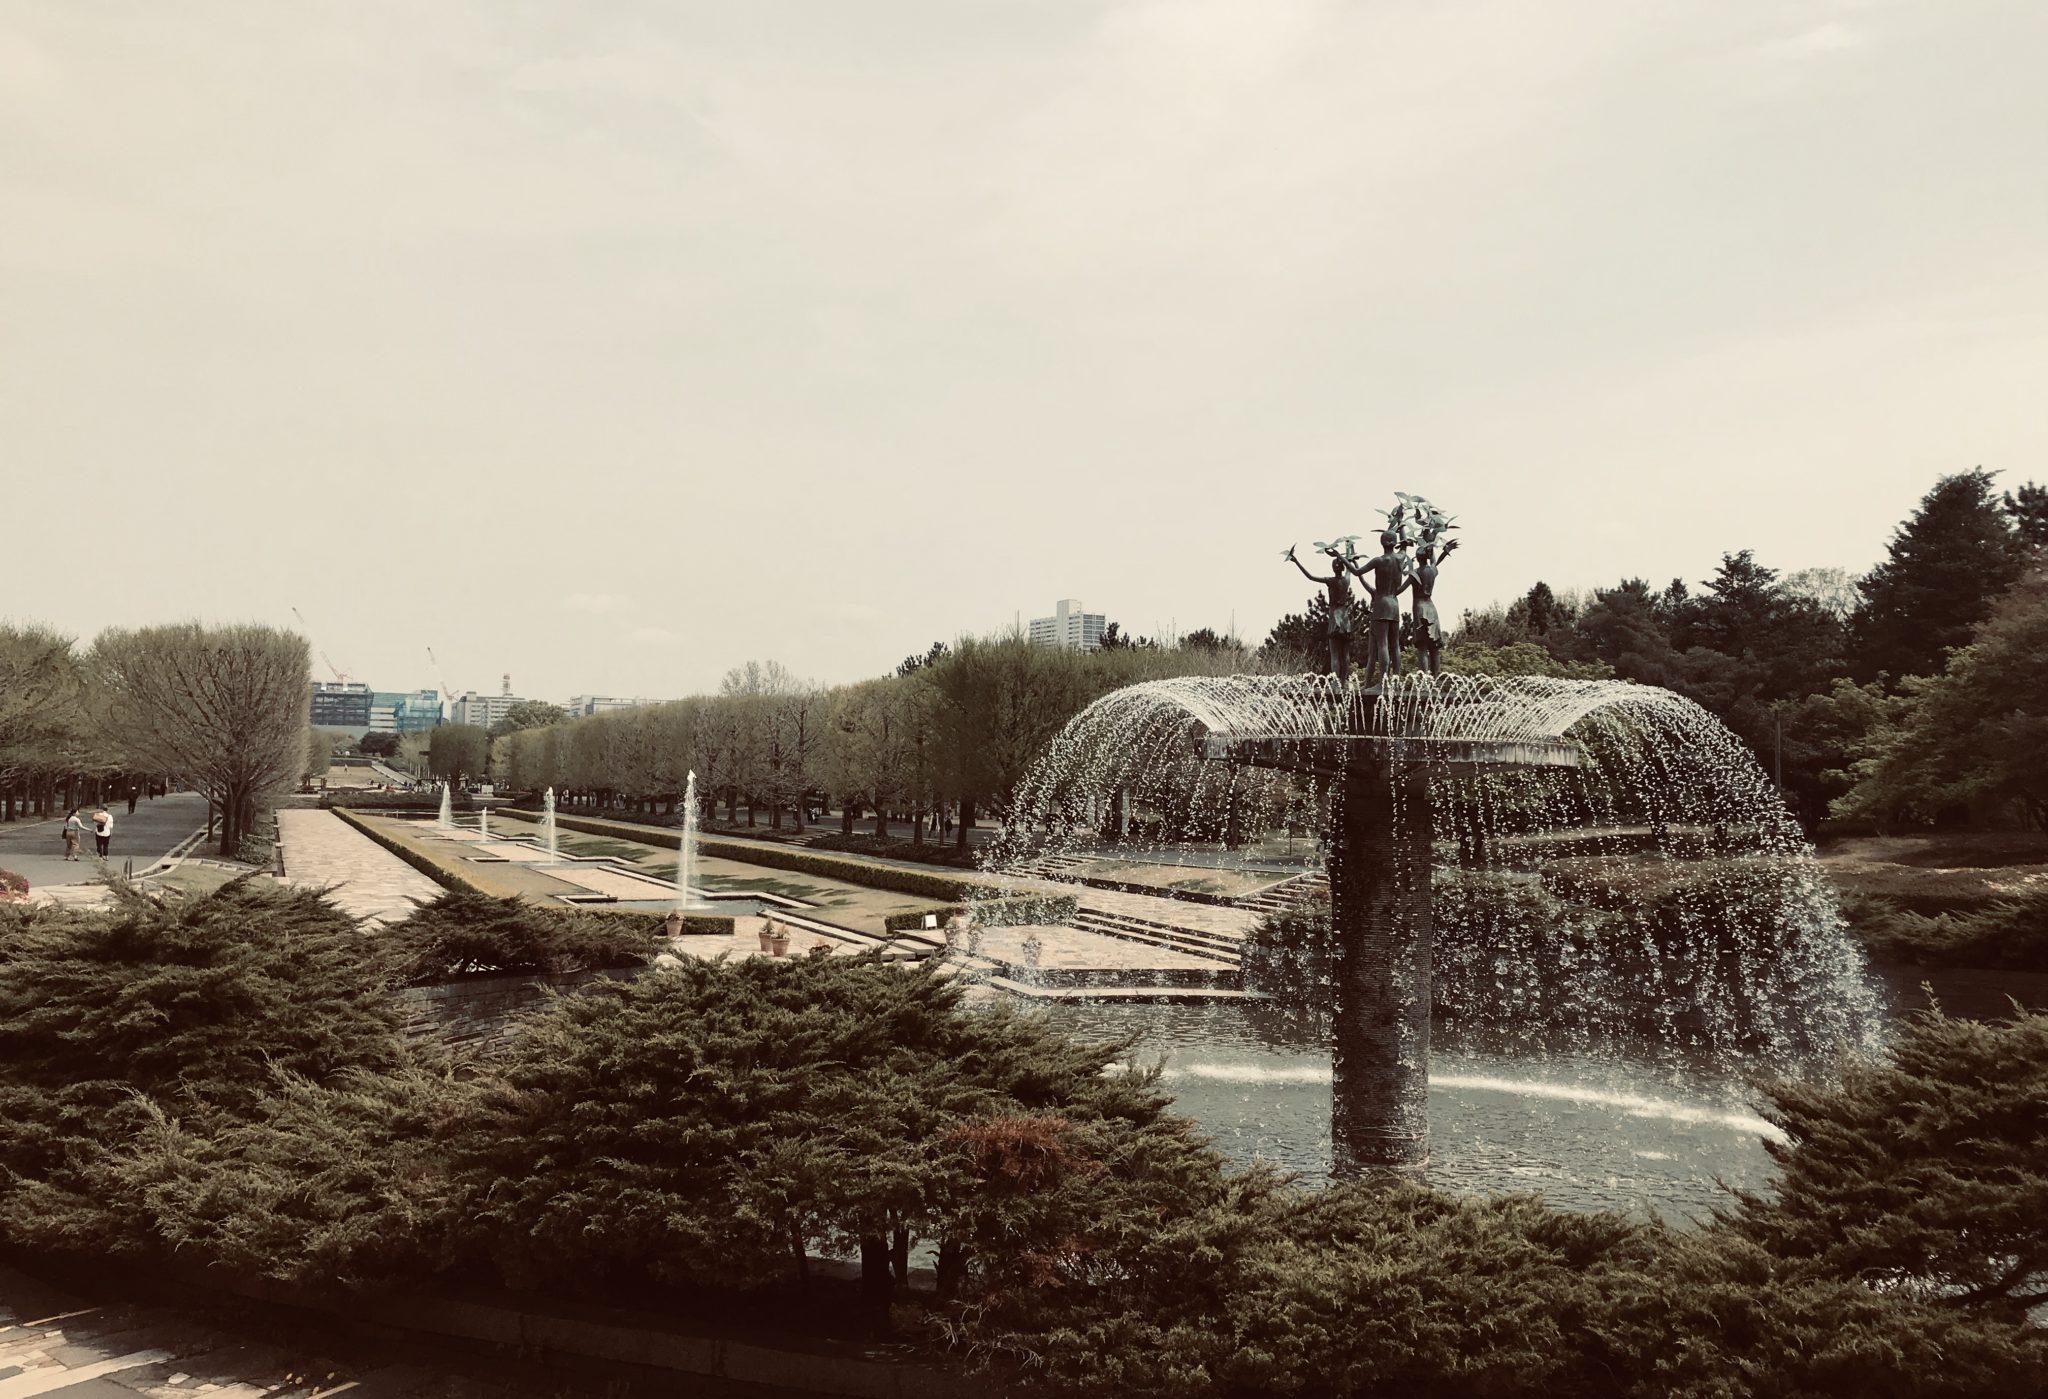 昭和記念公園ランニングコース